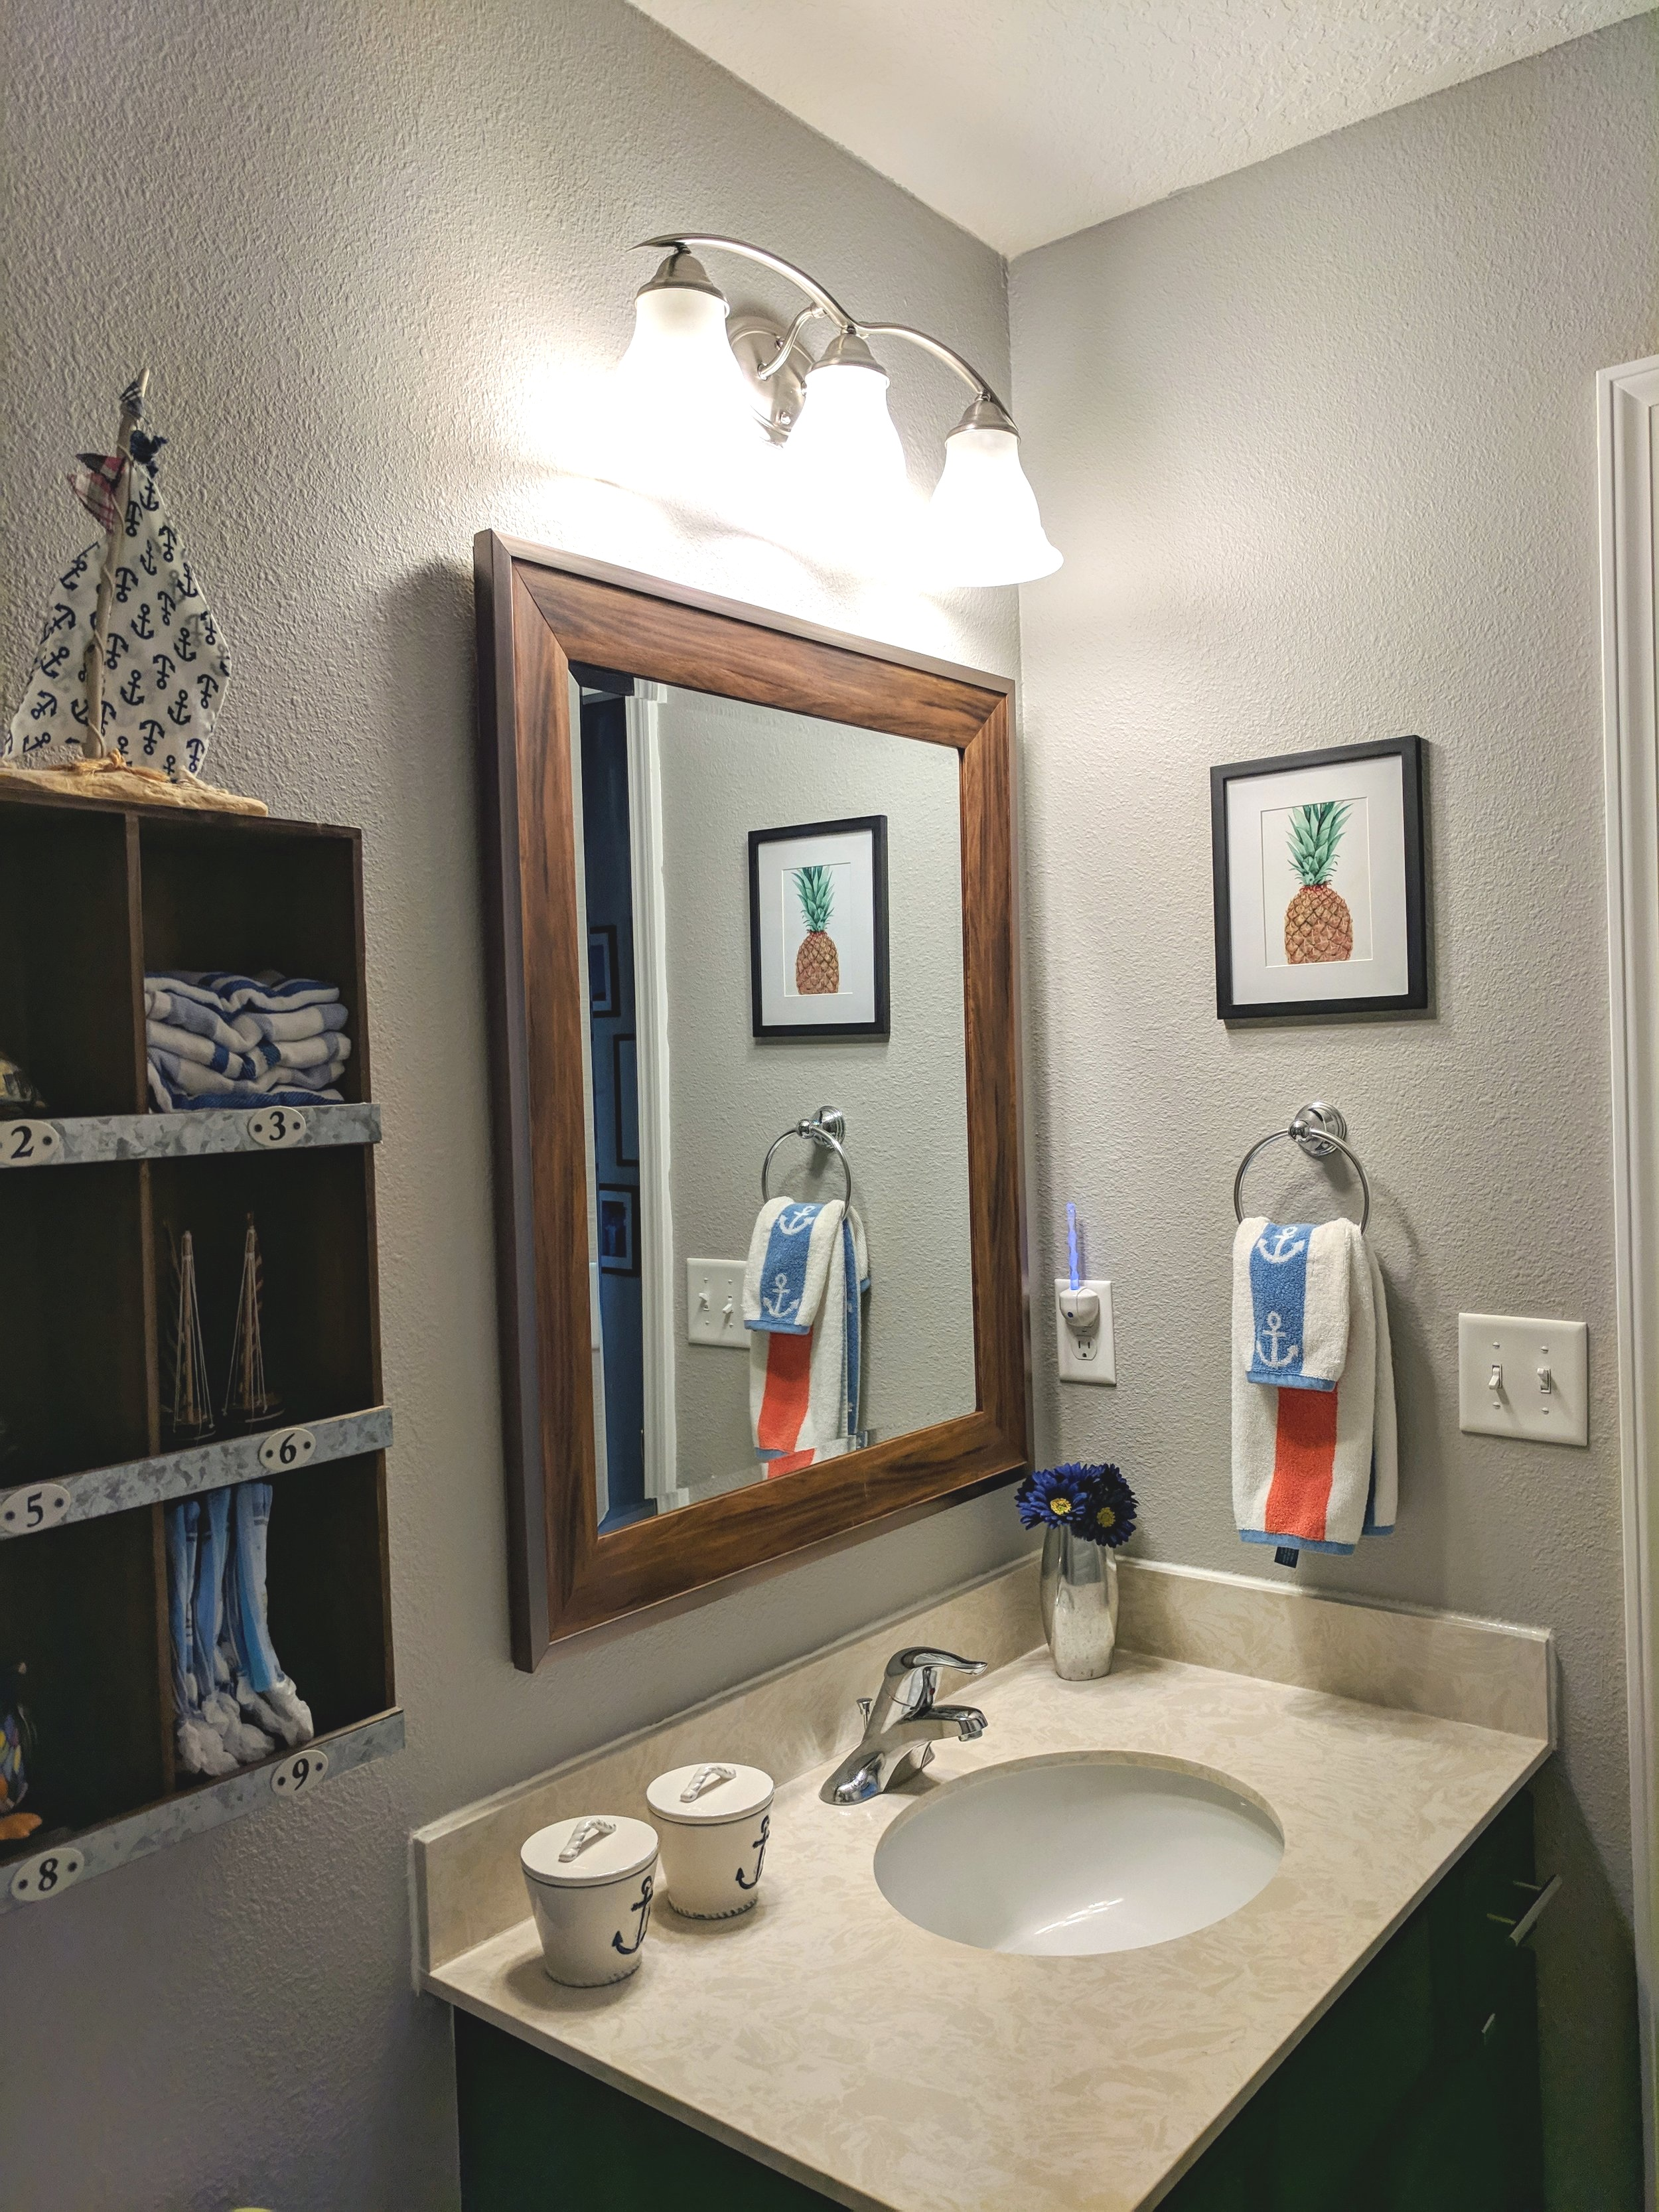 Bathroom+vanity